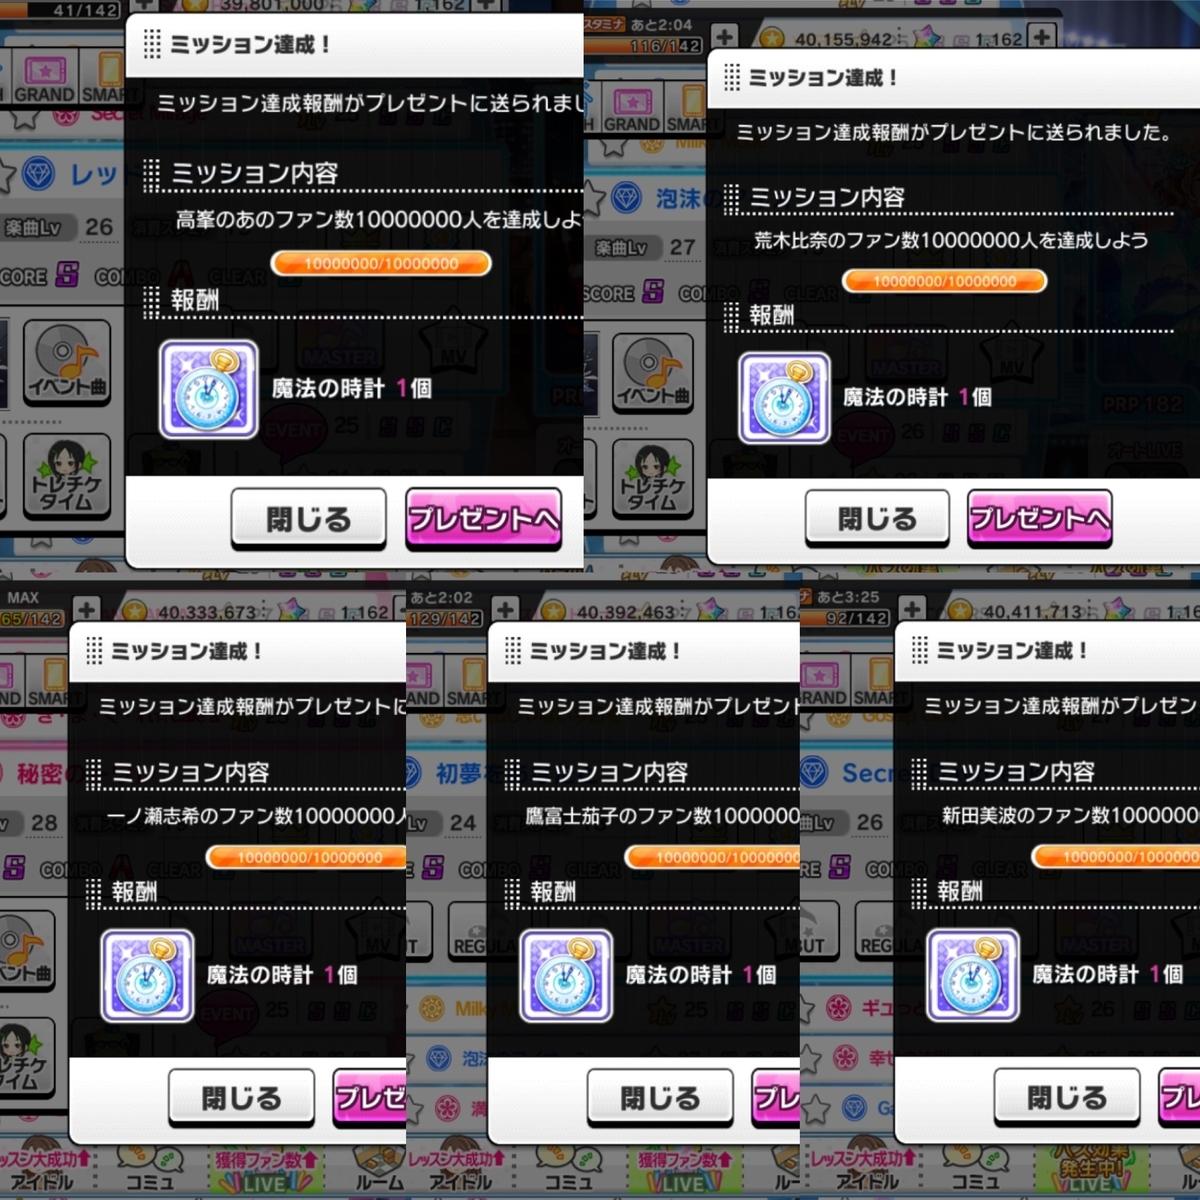 f:id:Kotoha-P_mtf:20210927160338j:plain